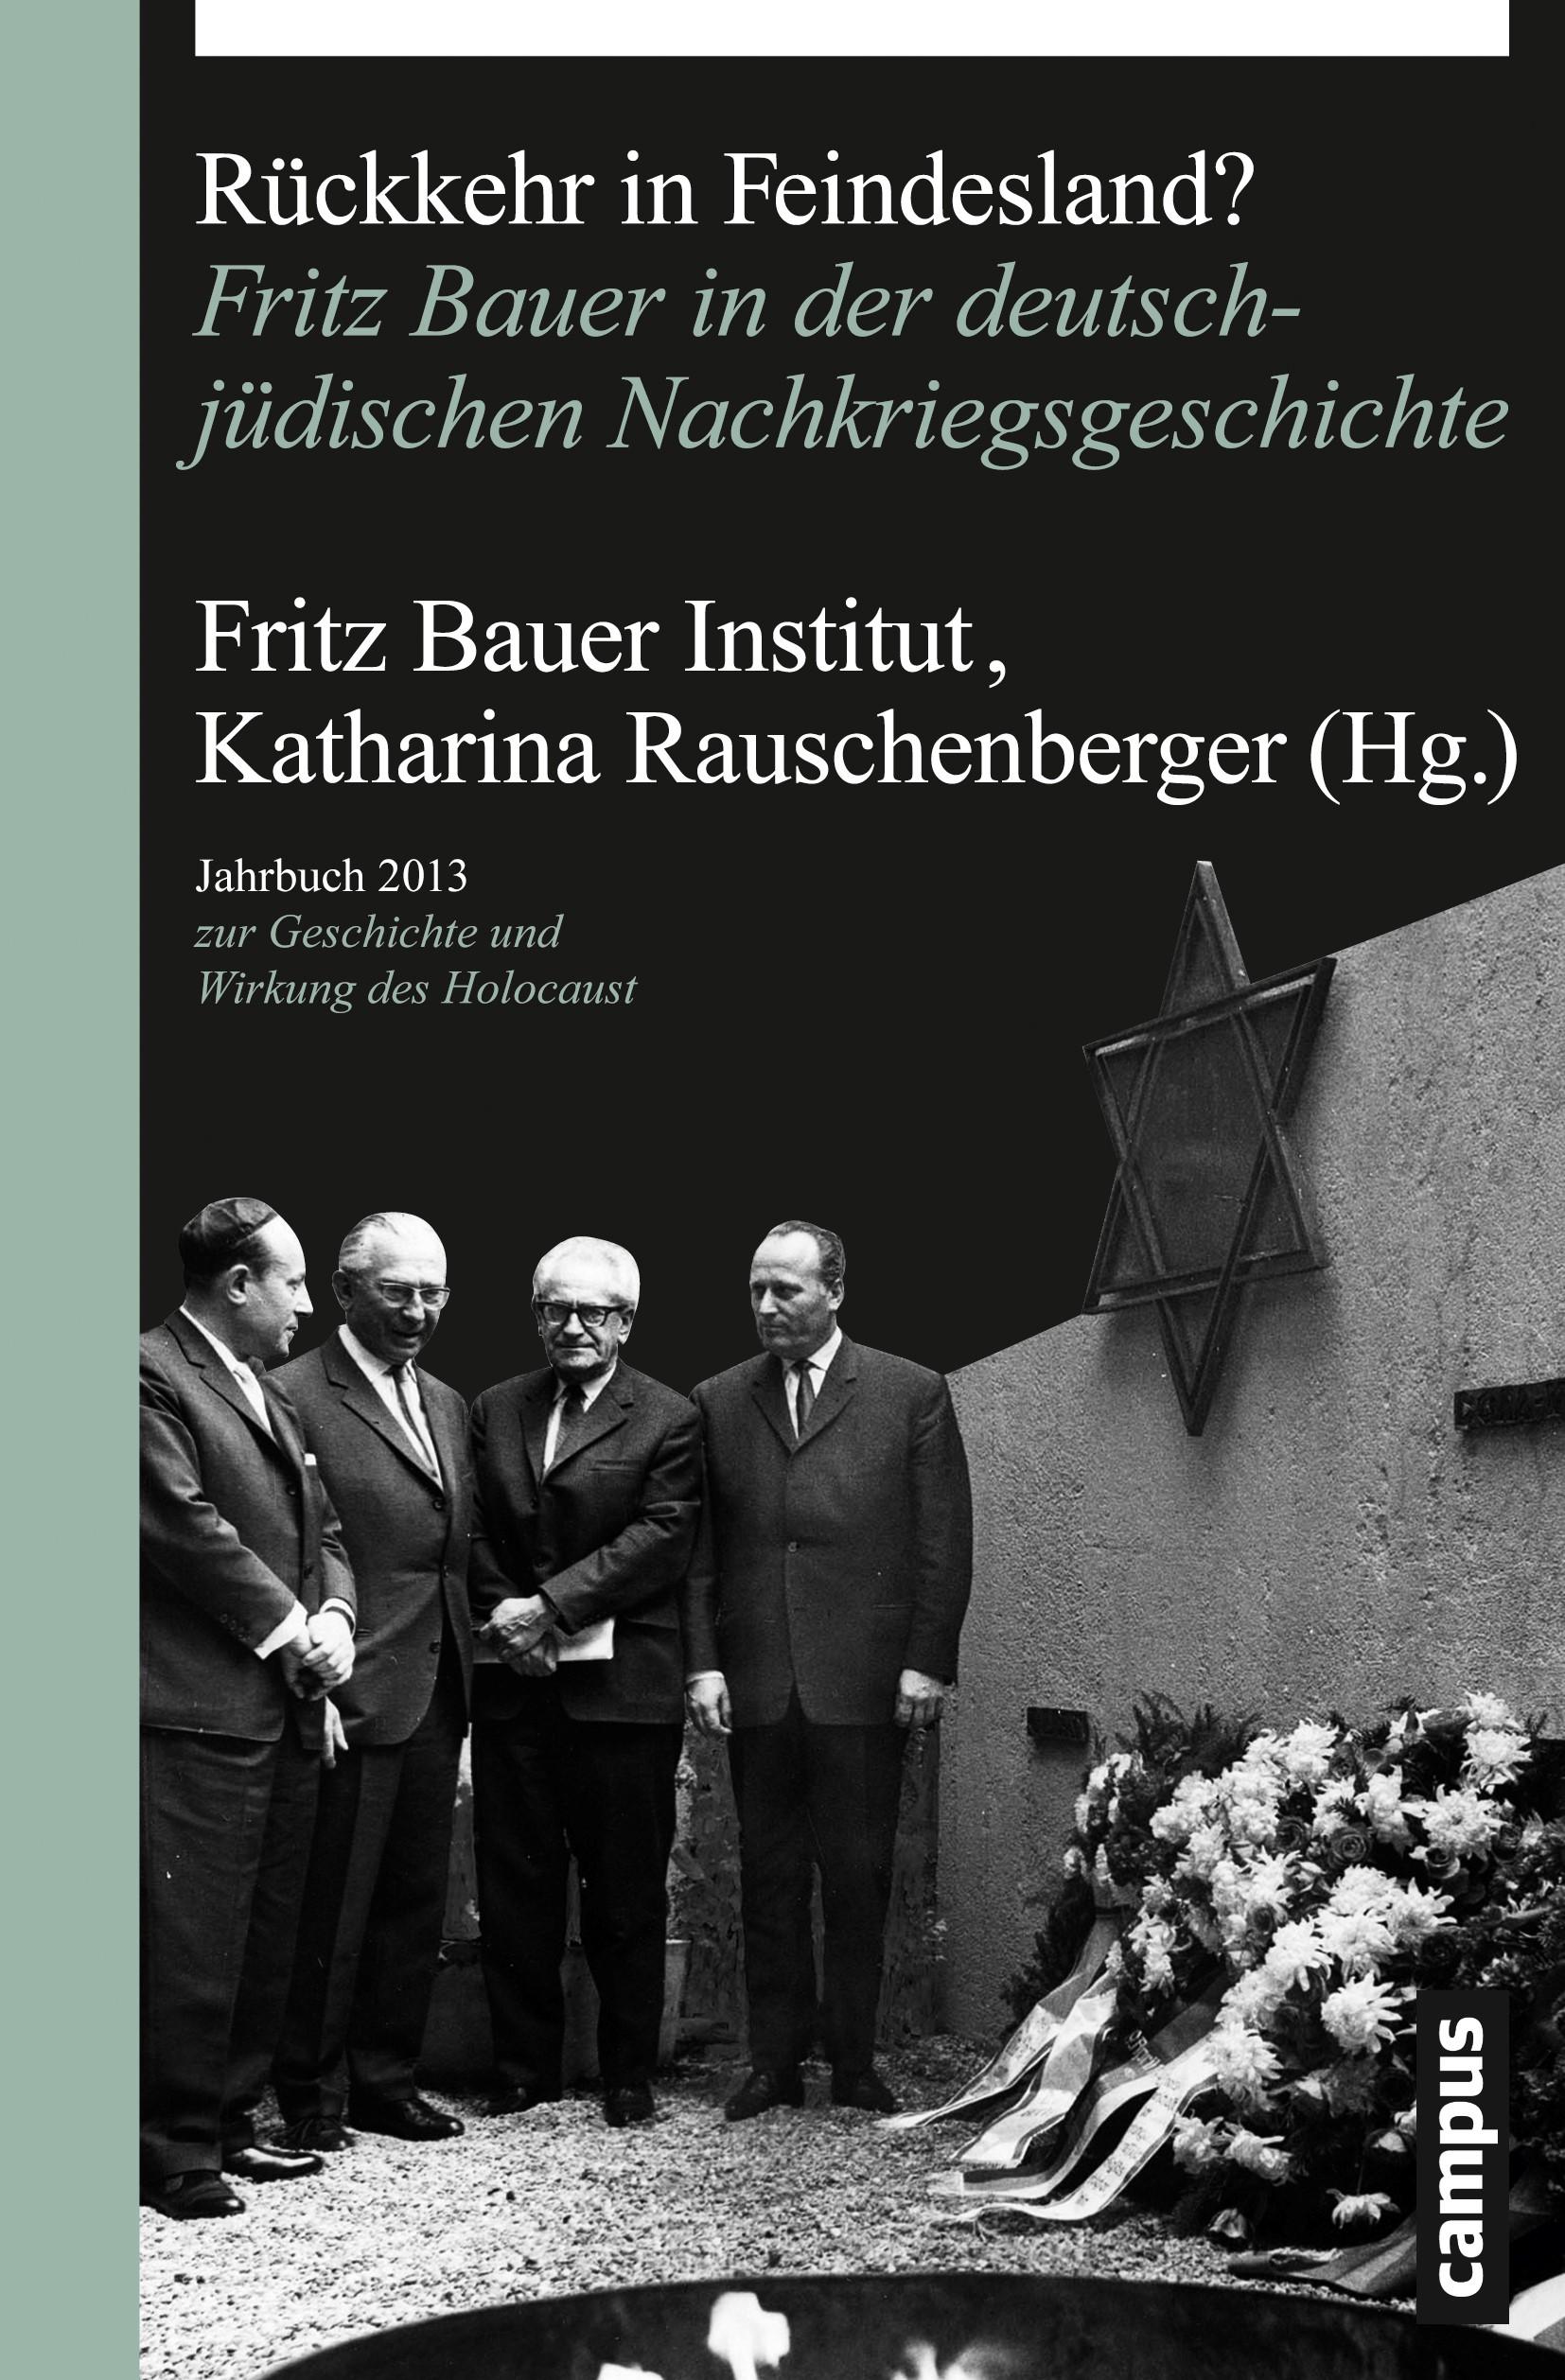 Abbildung von Fritz Bauer Institut / Rauschenberger   Rückkehr in Feindesland?   2013